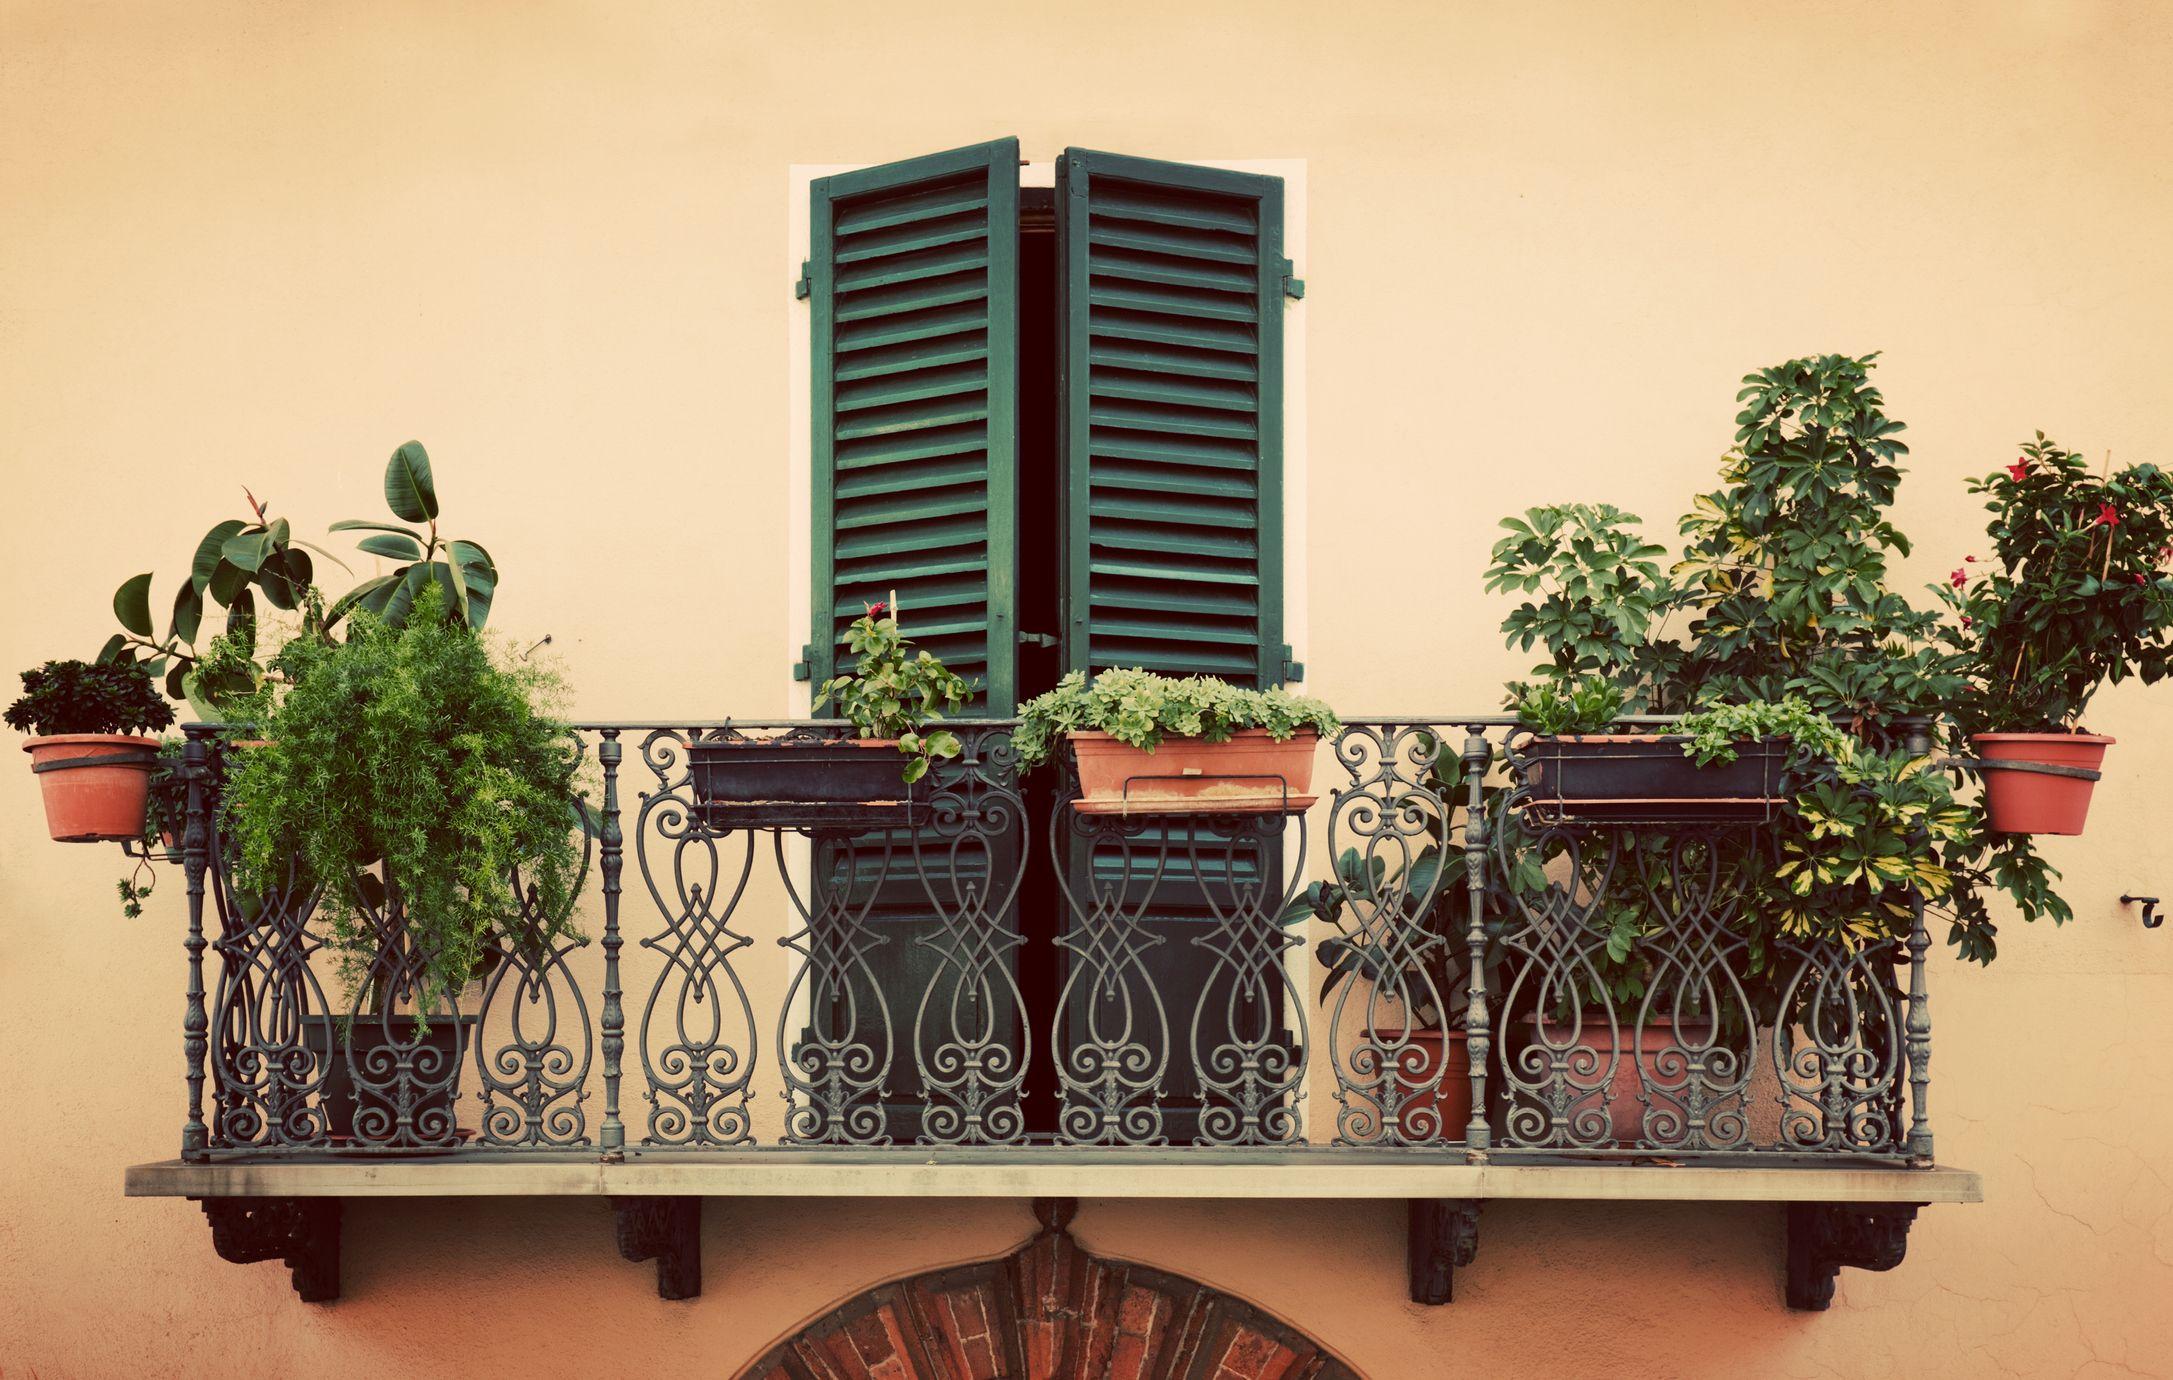 Piante Adatte Al Sole Diretto le migliori piante da balcone e la guida a come sceglierle